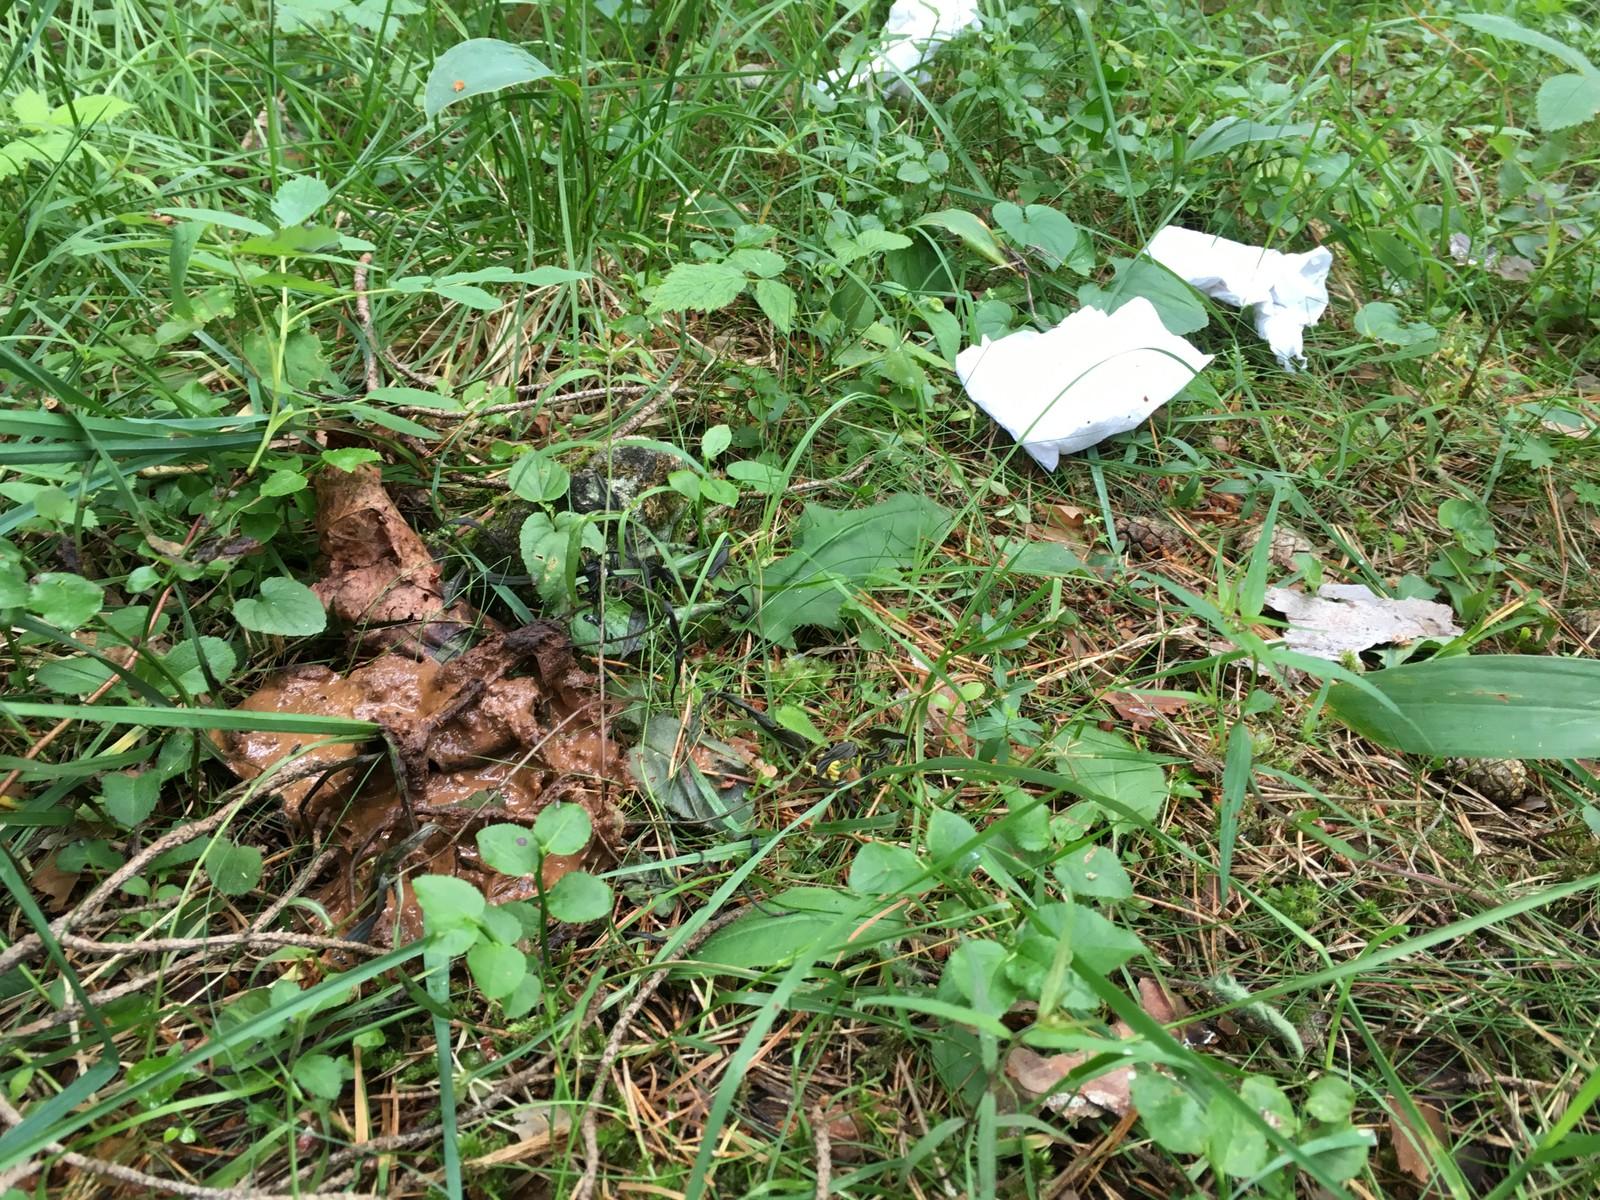 AVFØRING: Tidligere i år truet Botanisk hage med å stenge på grunn av menneskeavføring, også i Ekebergskogen gjør folk fra seg.